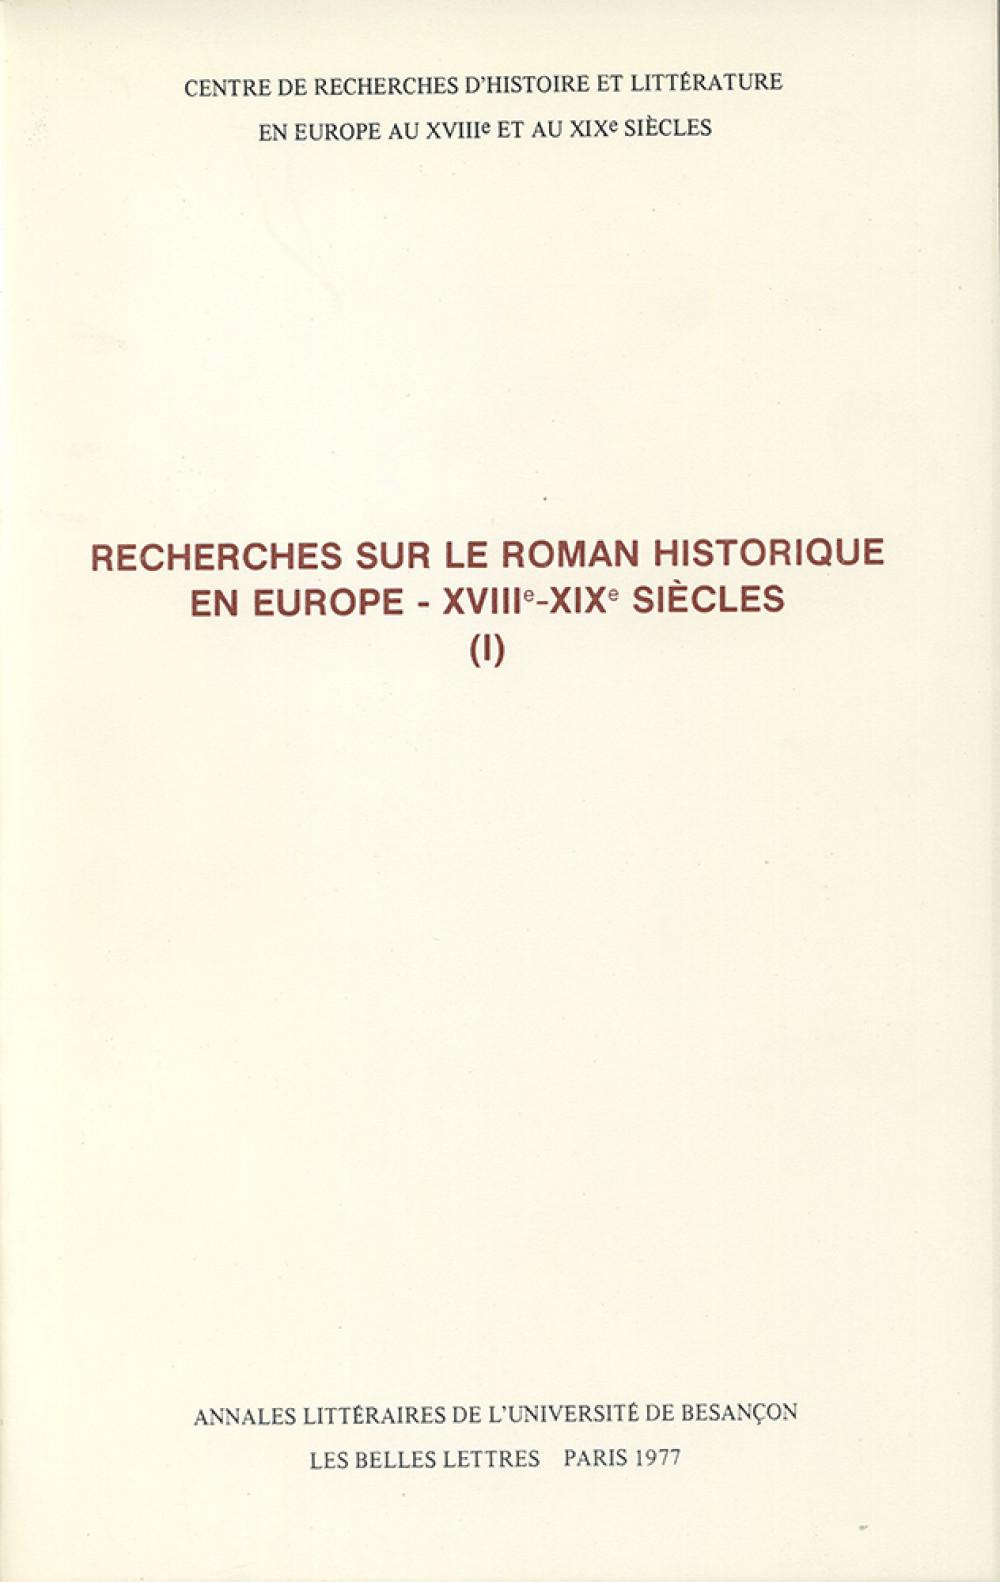 """Recherches sur le roman historique en Europe (I) (<span style=""""font-variant: small-caps"""">XVIII</span><sup>e</sup>-<span style=""""font-variant: small-caps"""">XIX</span><sup>e</sup> siècles)"""